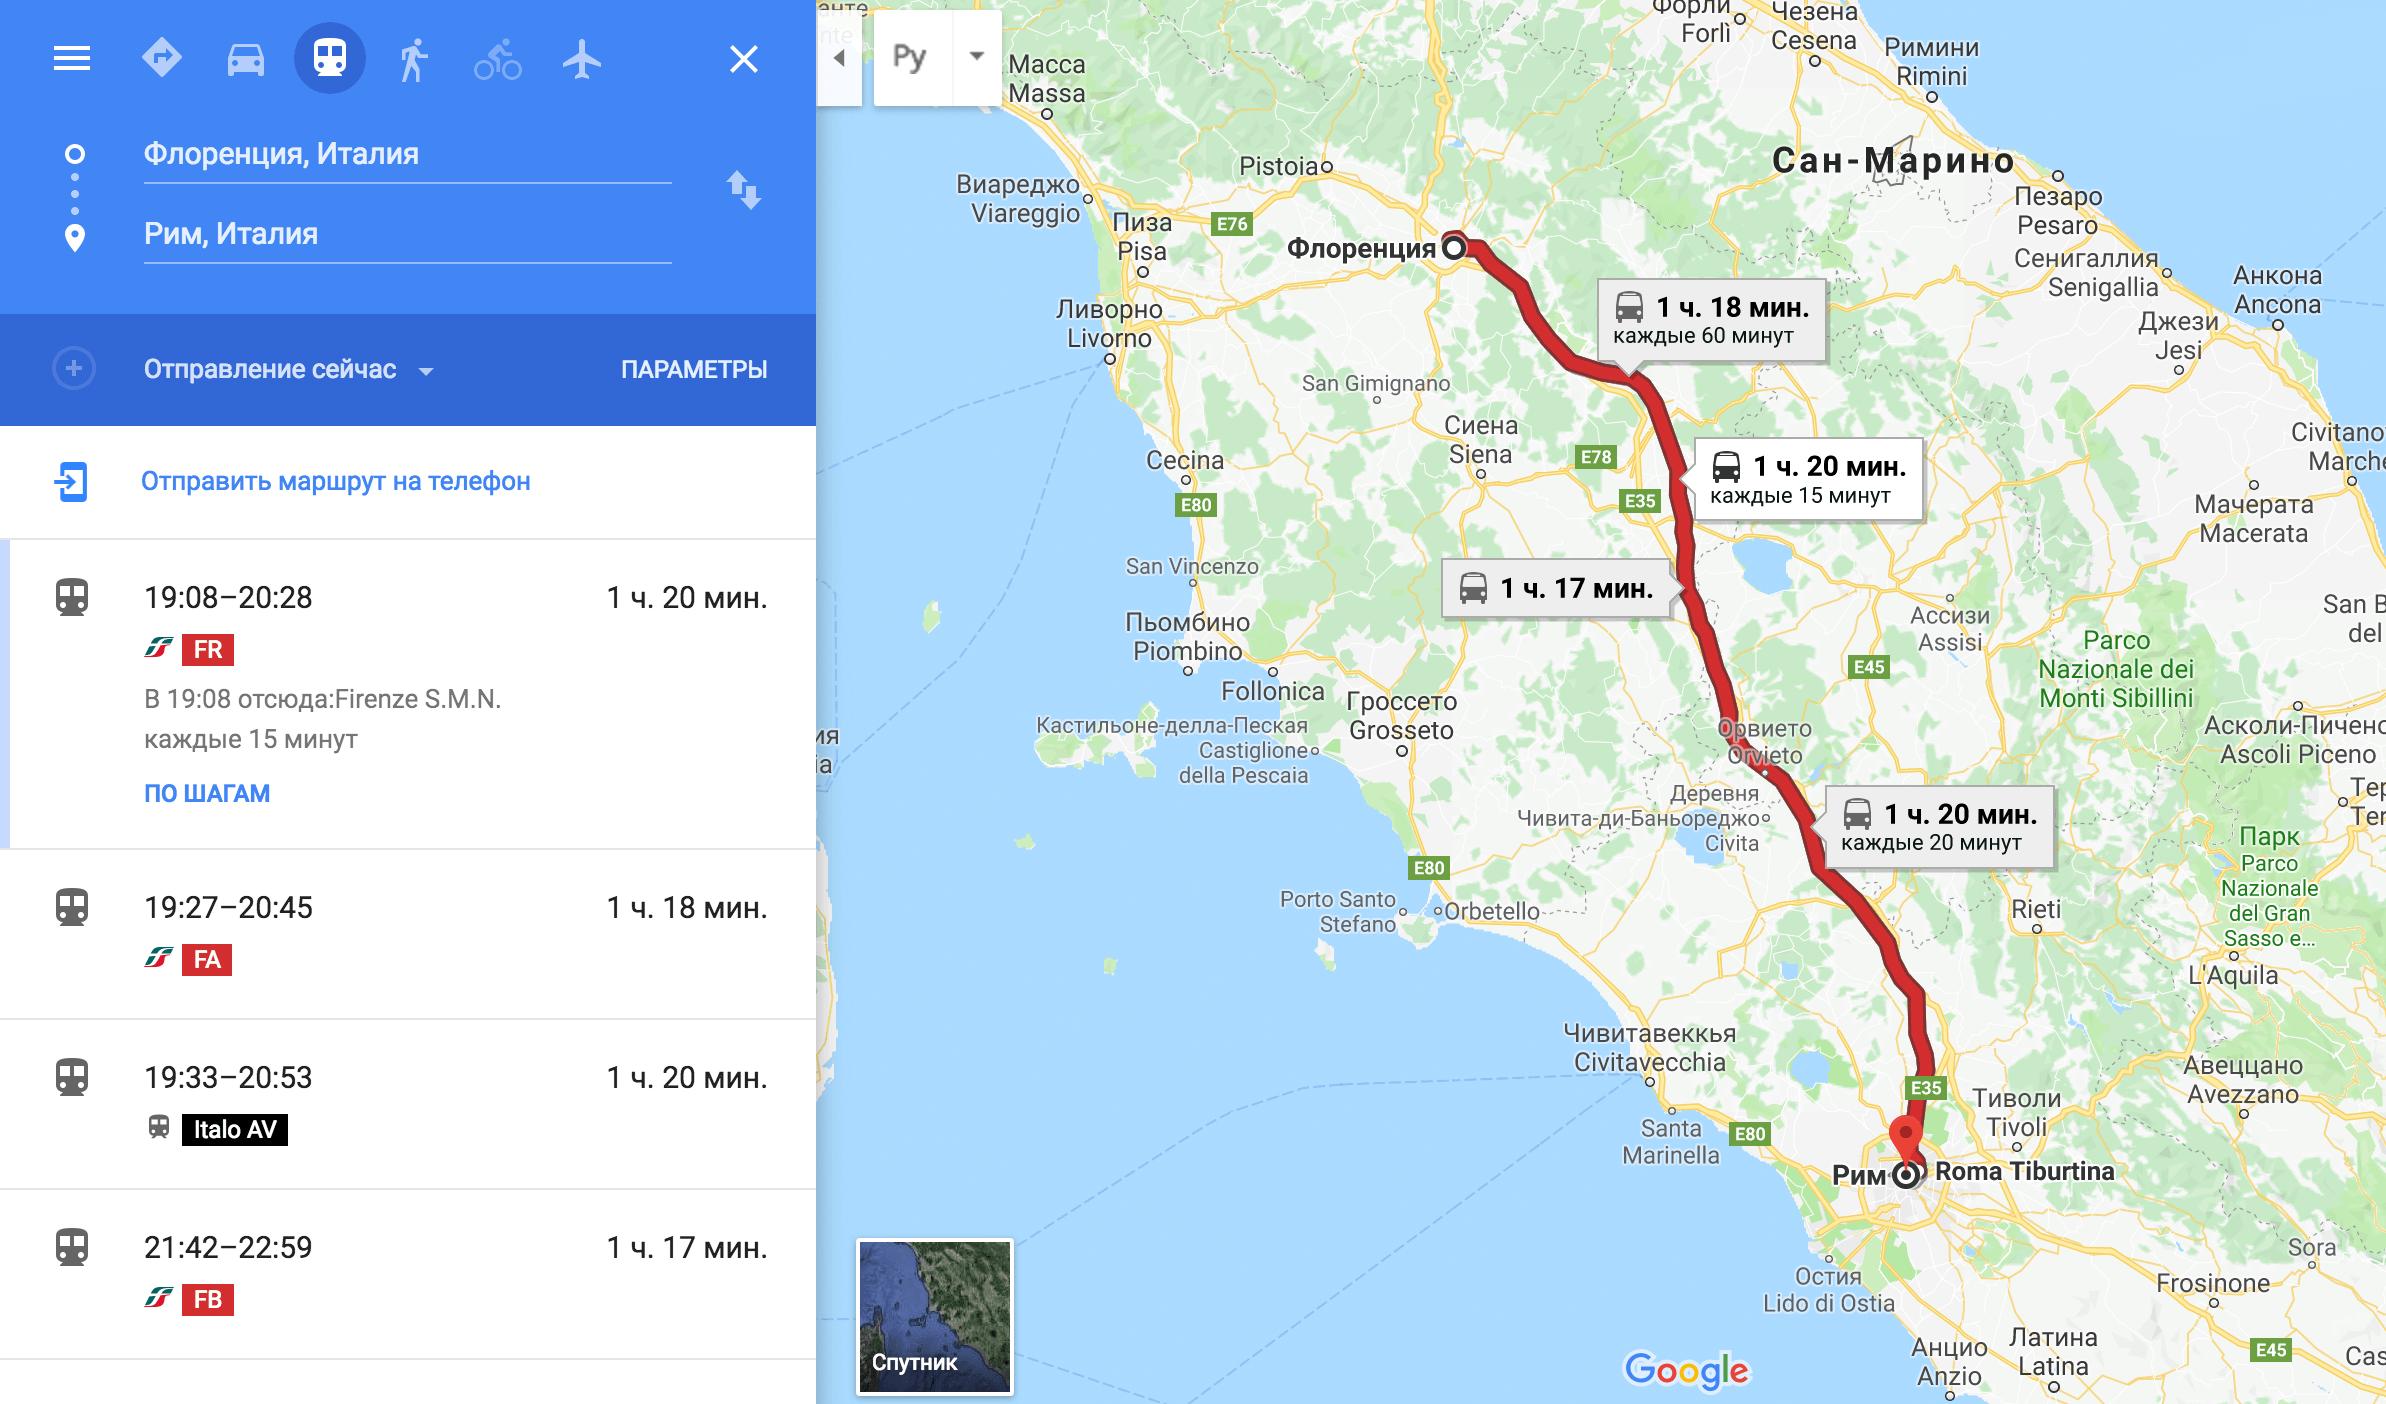 Маршруты между городами мы прокладывали по «Гугл-картам». Они предлагают виды транспорта, на которых можно добраться до нужного города